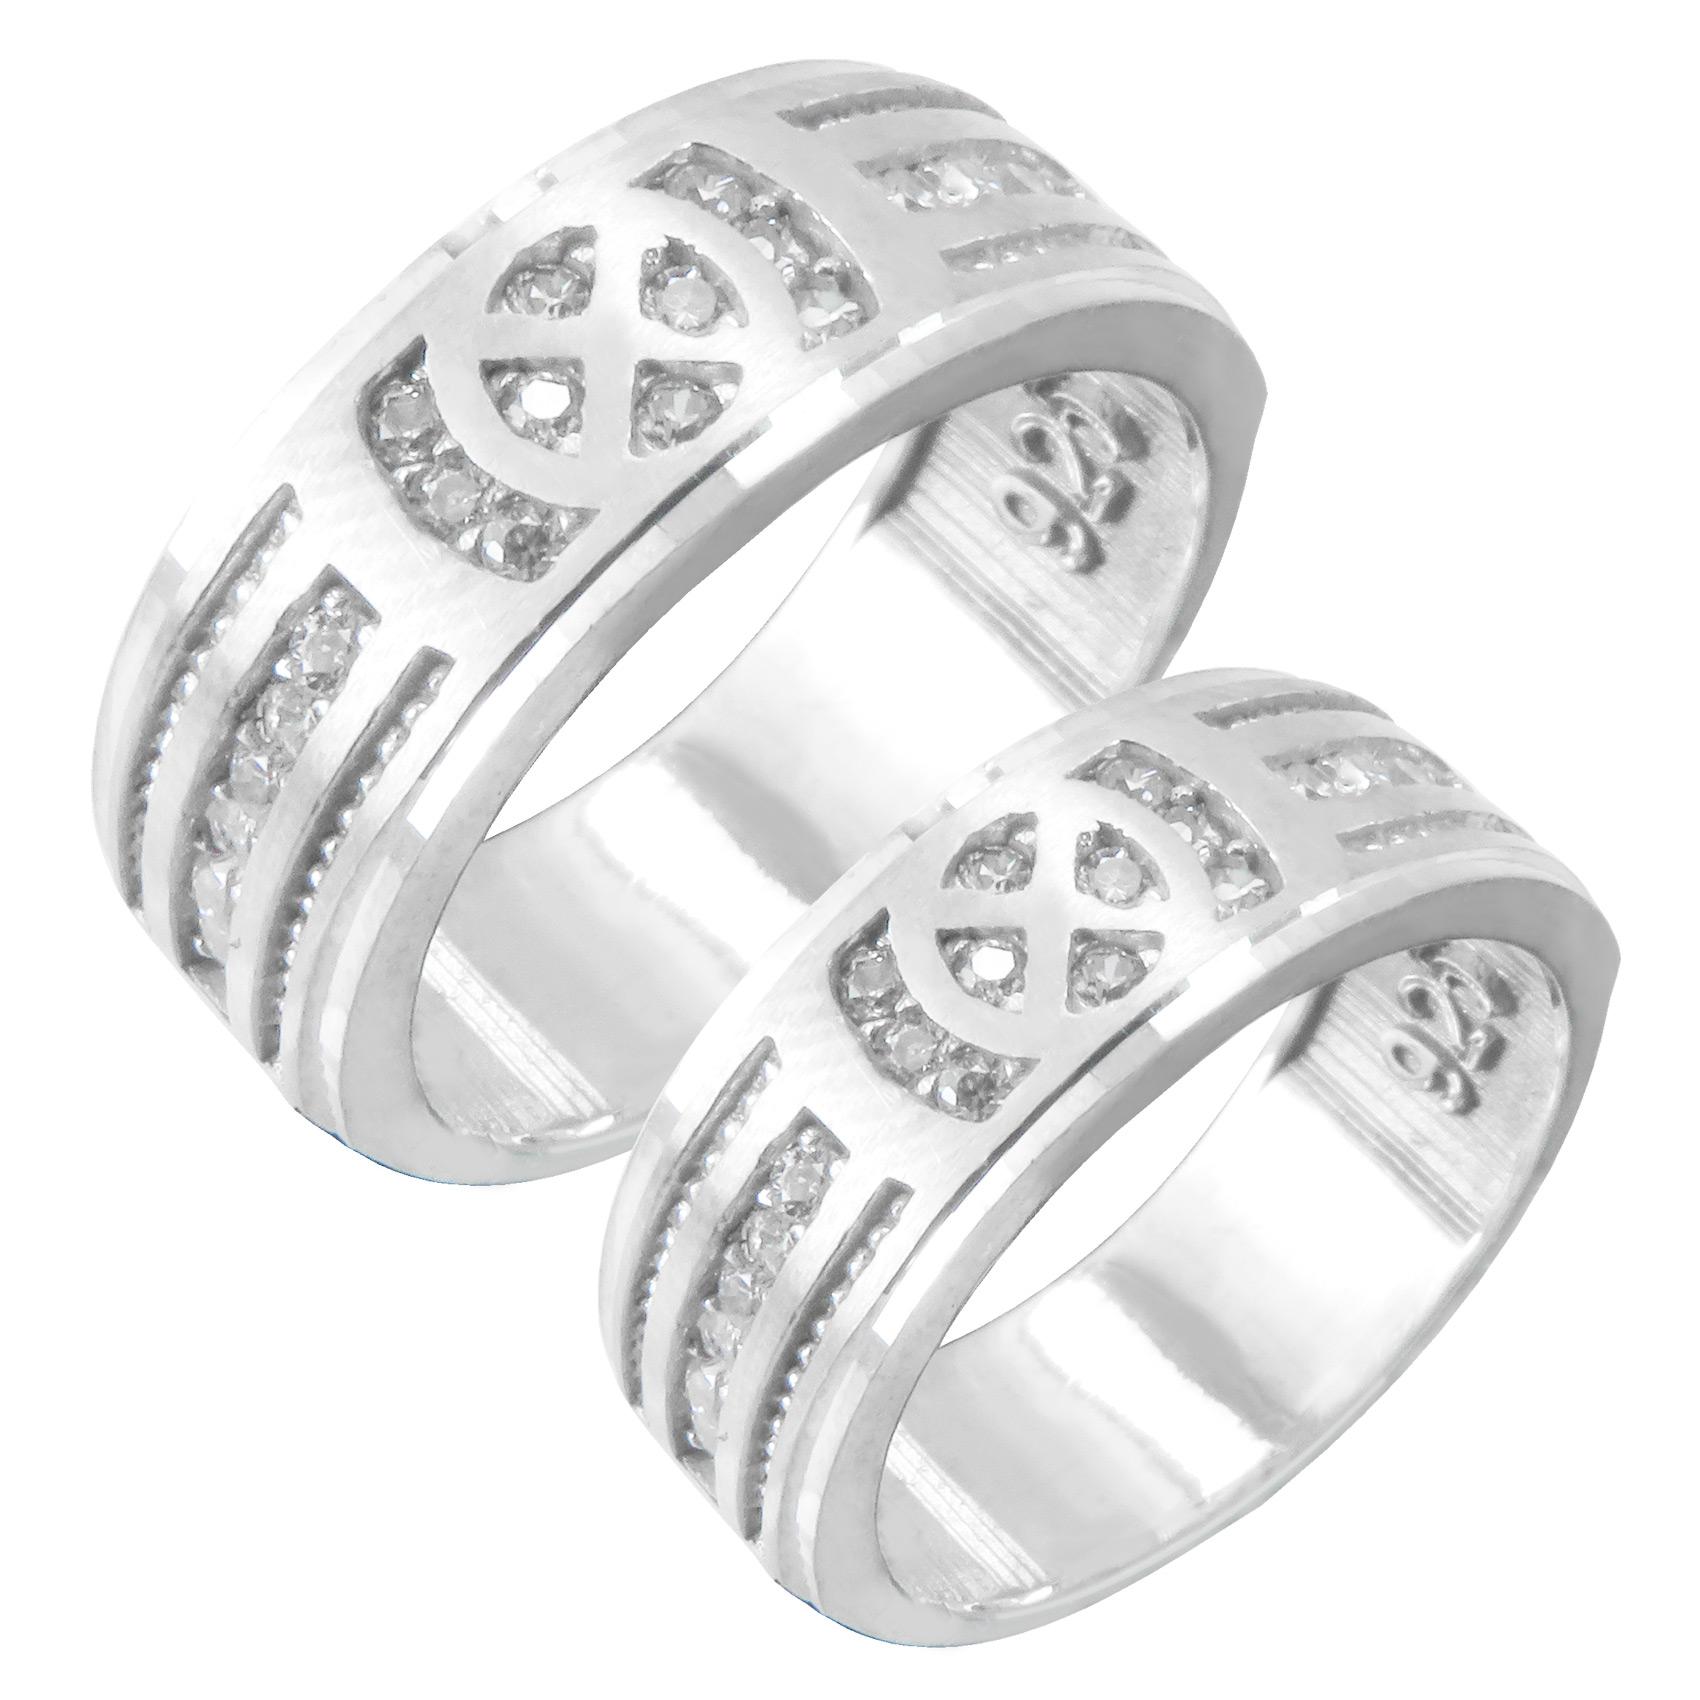 ست انگشتر نقره زنانه و مردانه کد AV153